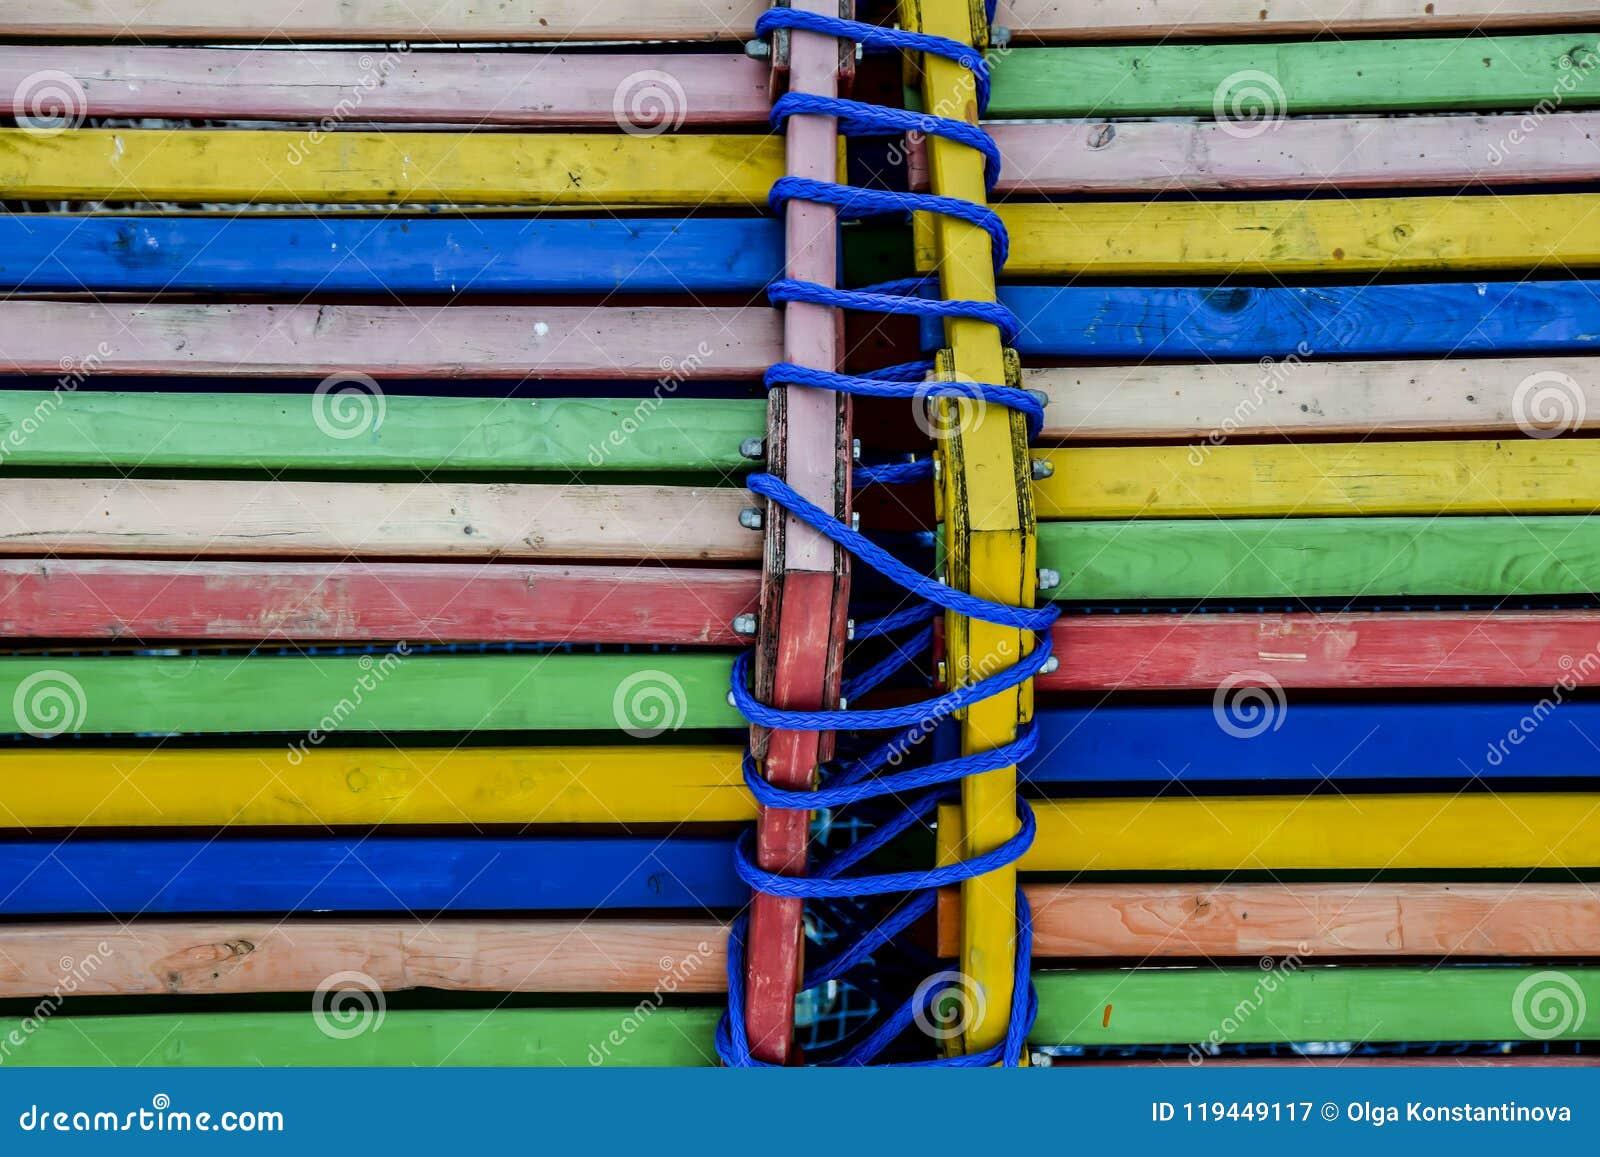 Cuerda brillante y azul de los tableros del extracto de madera multicolor del fondo